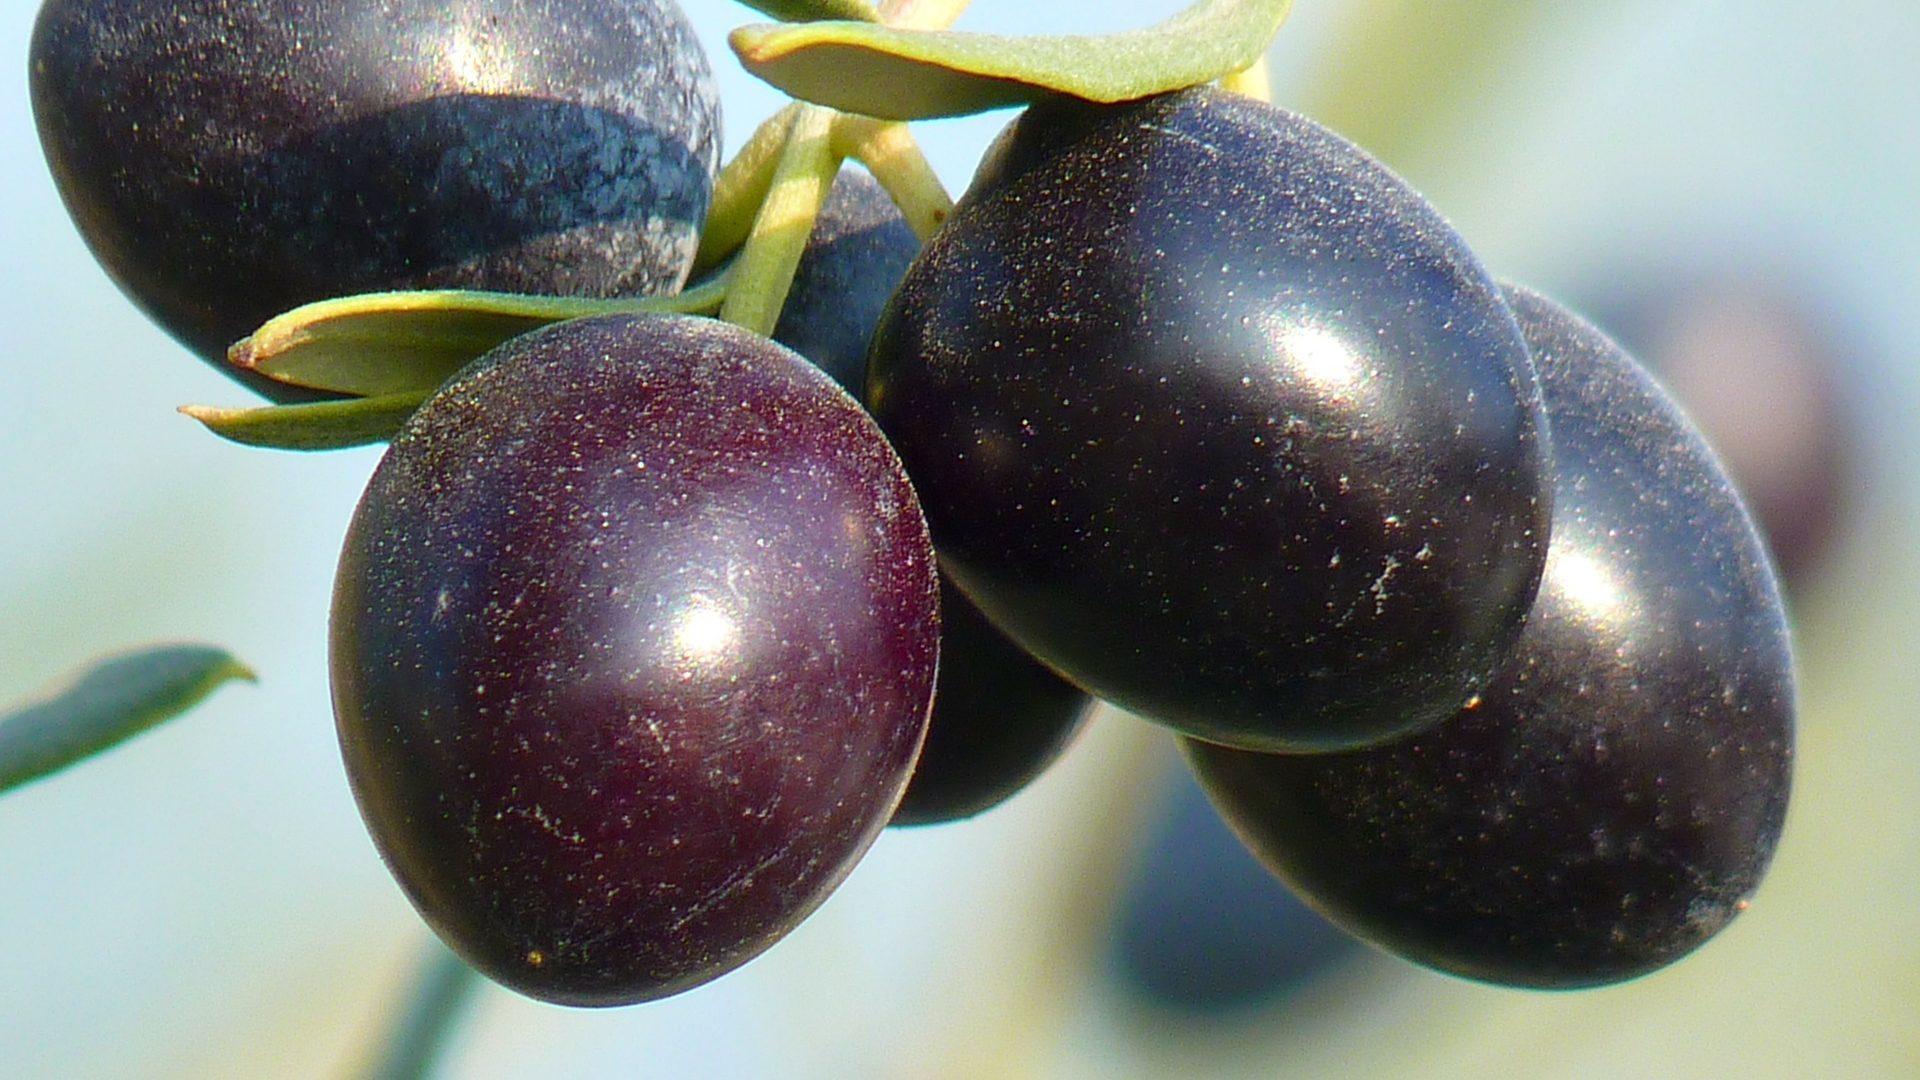 Aumento de la calidad de la aceituna con bioestimulantes: Kaliter Nodosum.